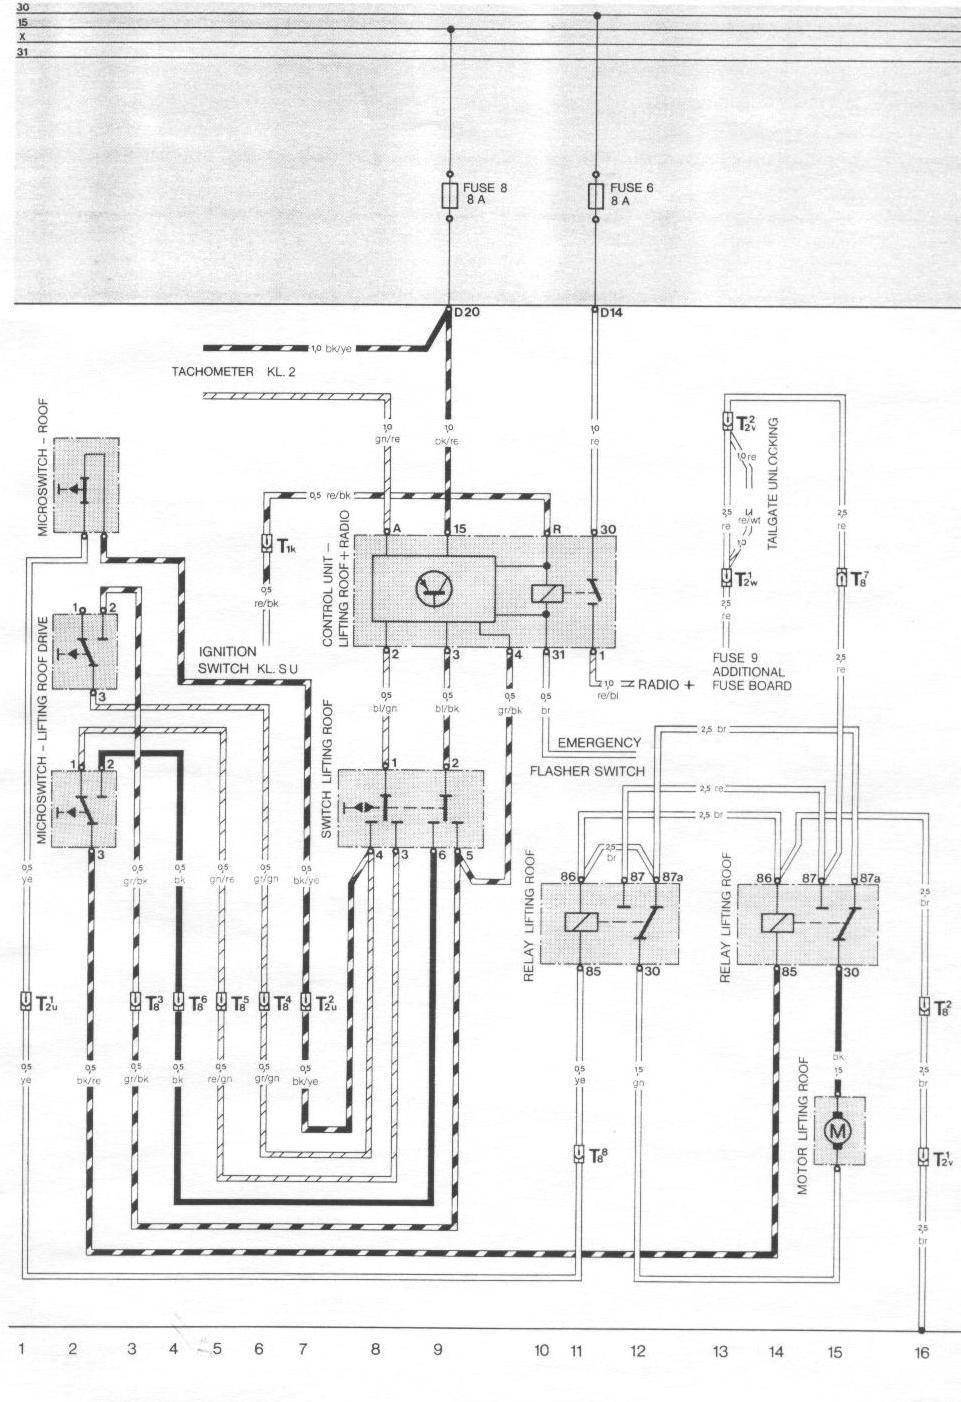 1985 porsche 944 wiring diagram